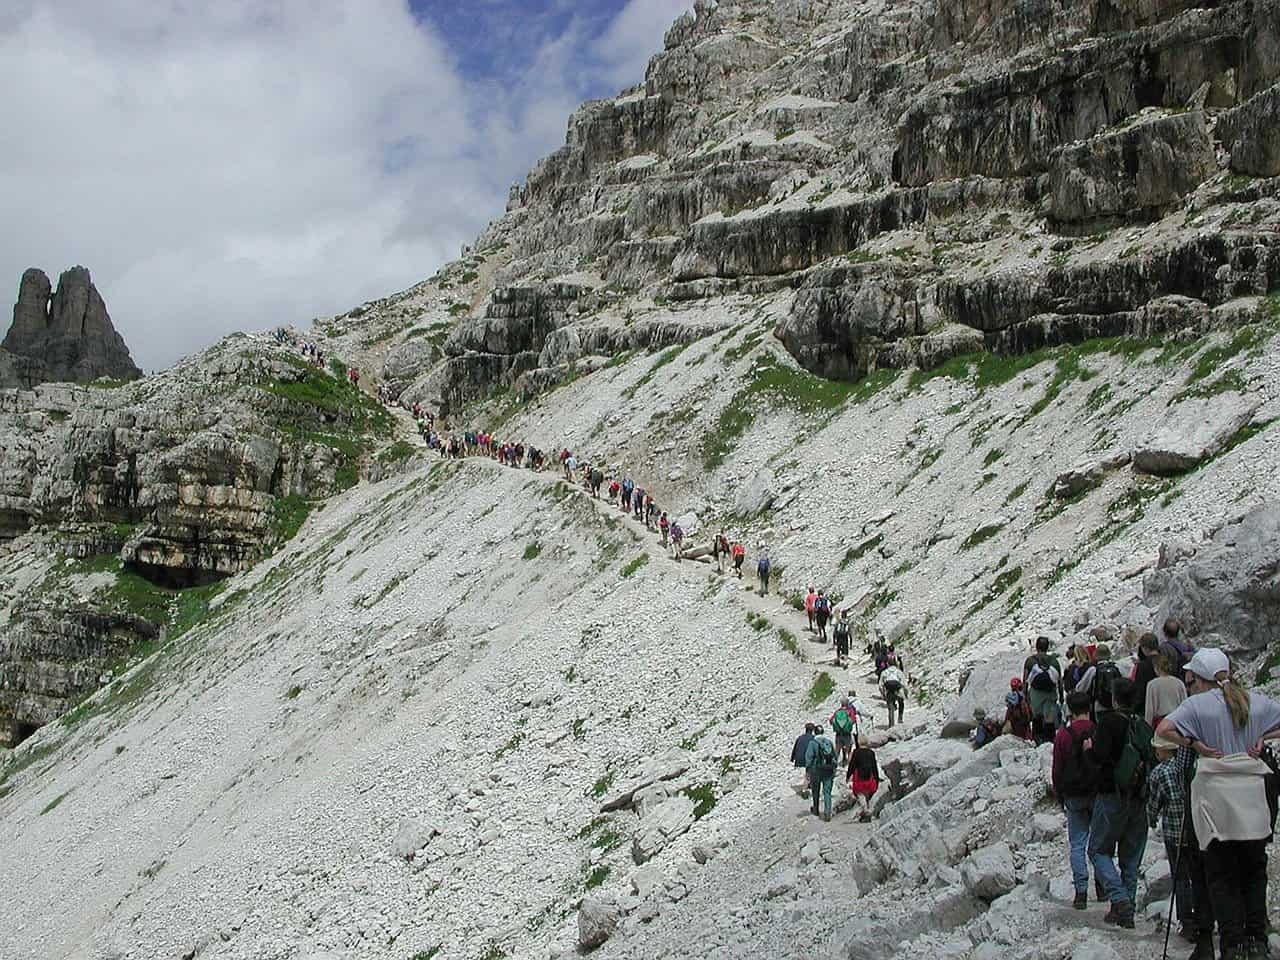 crowded hiking trail